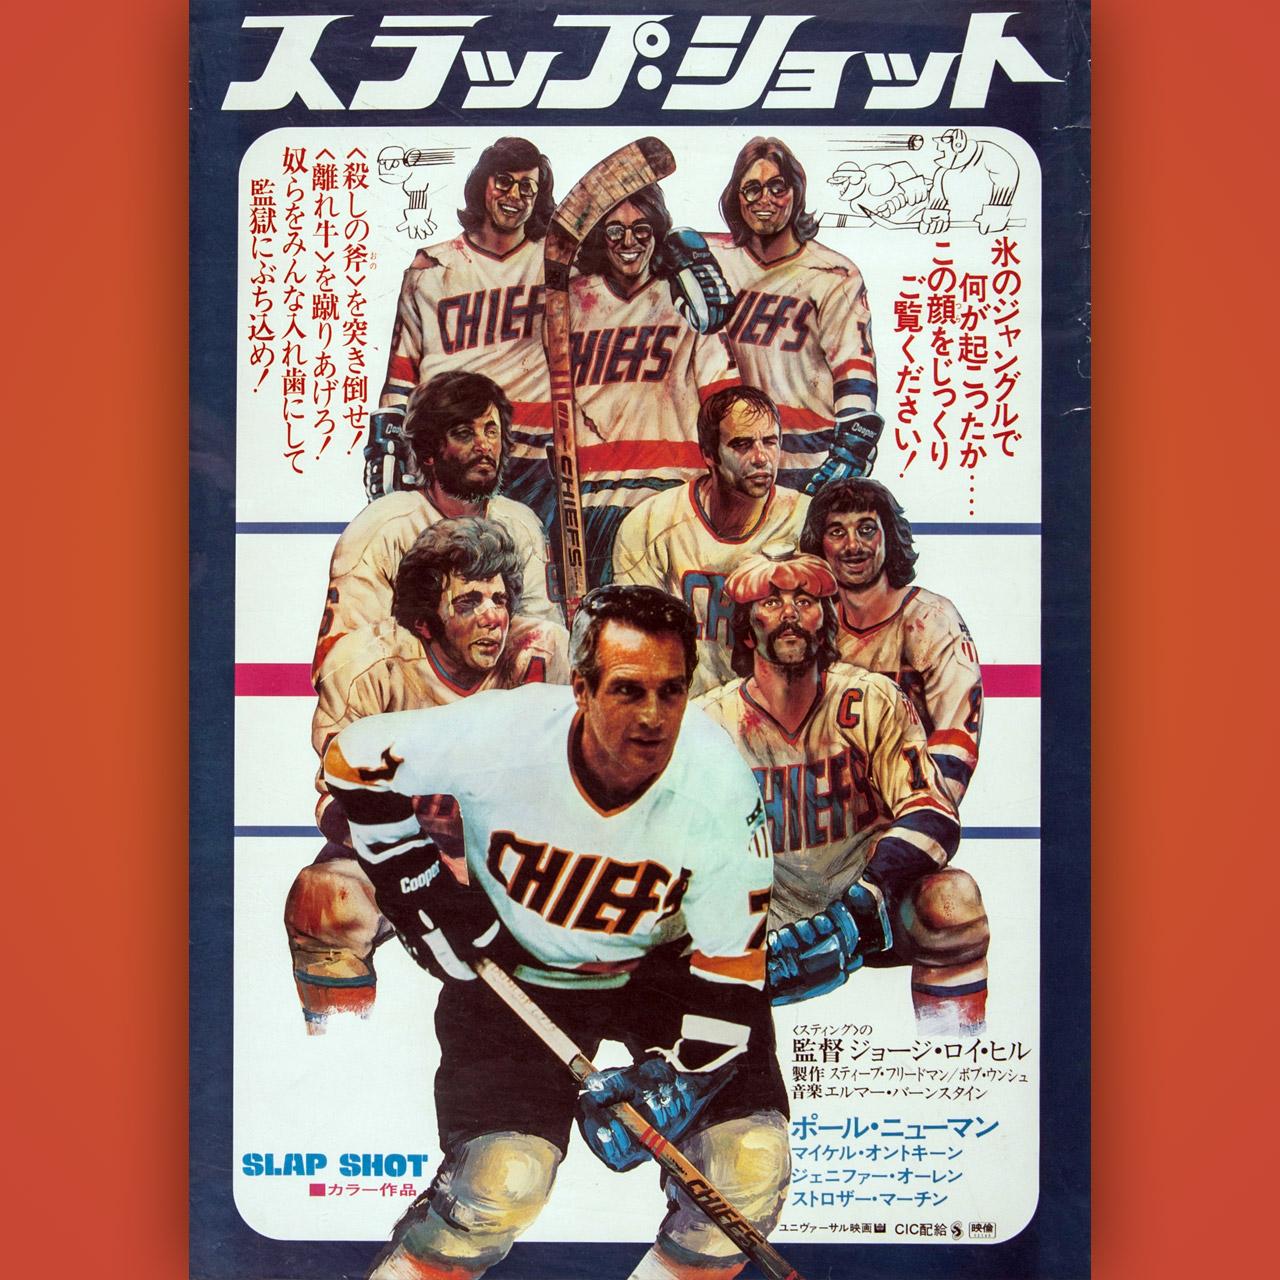 Japanese poster for 'Slap Shot'